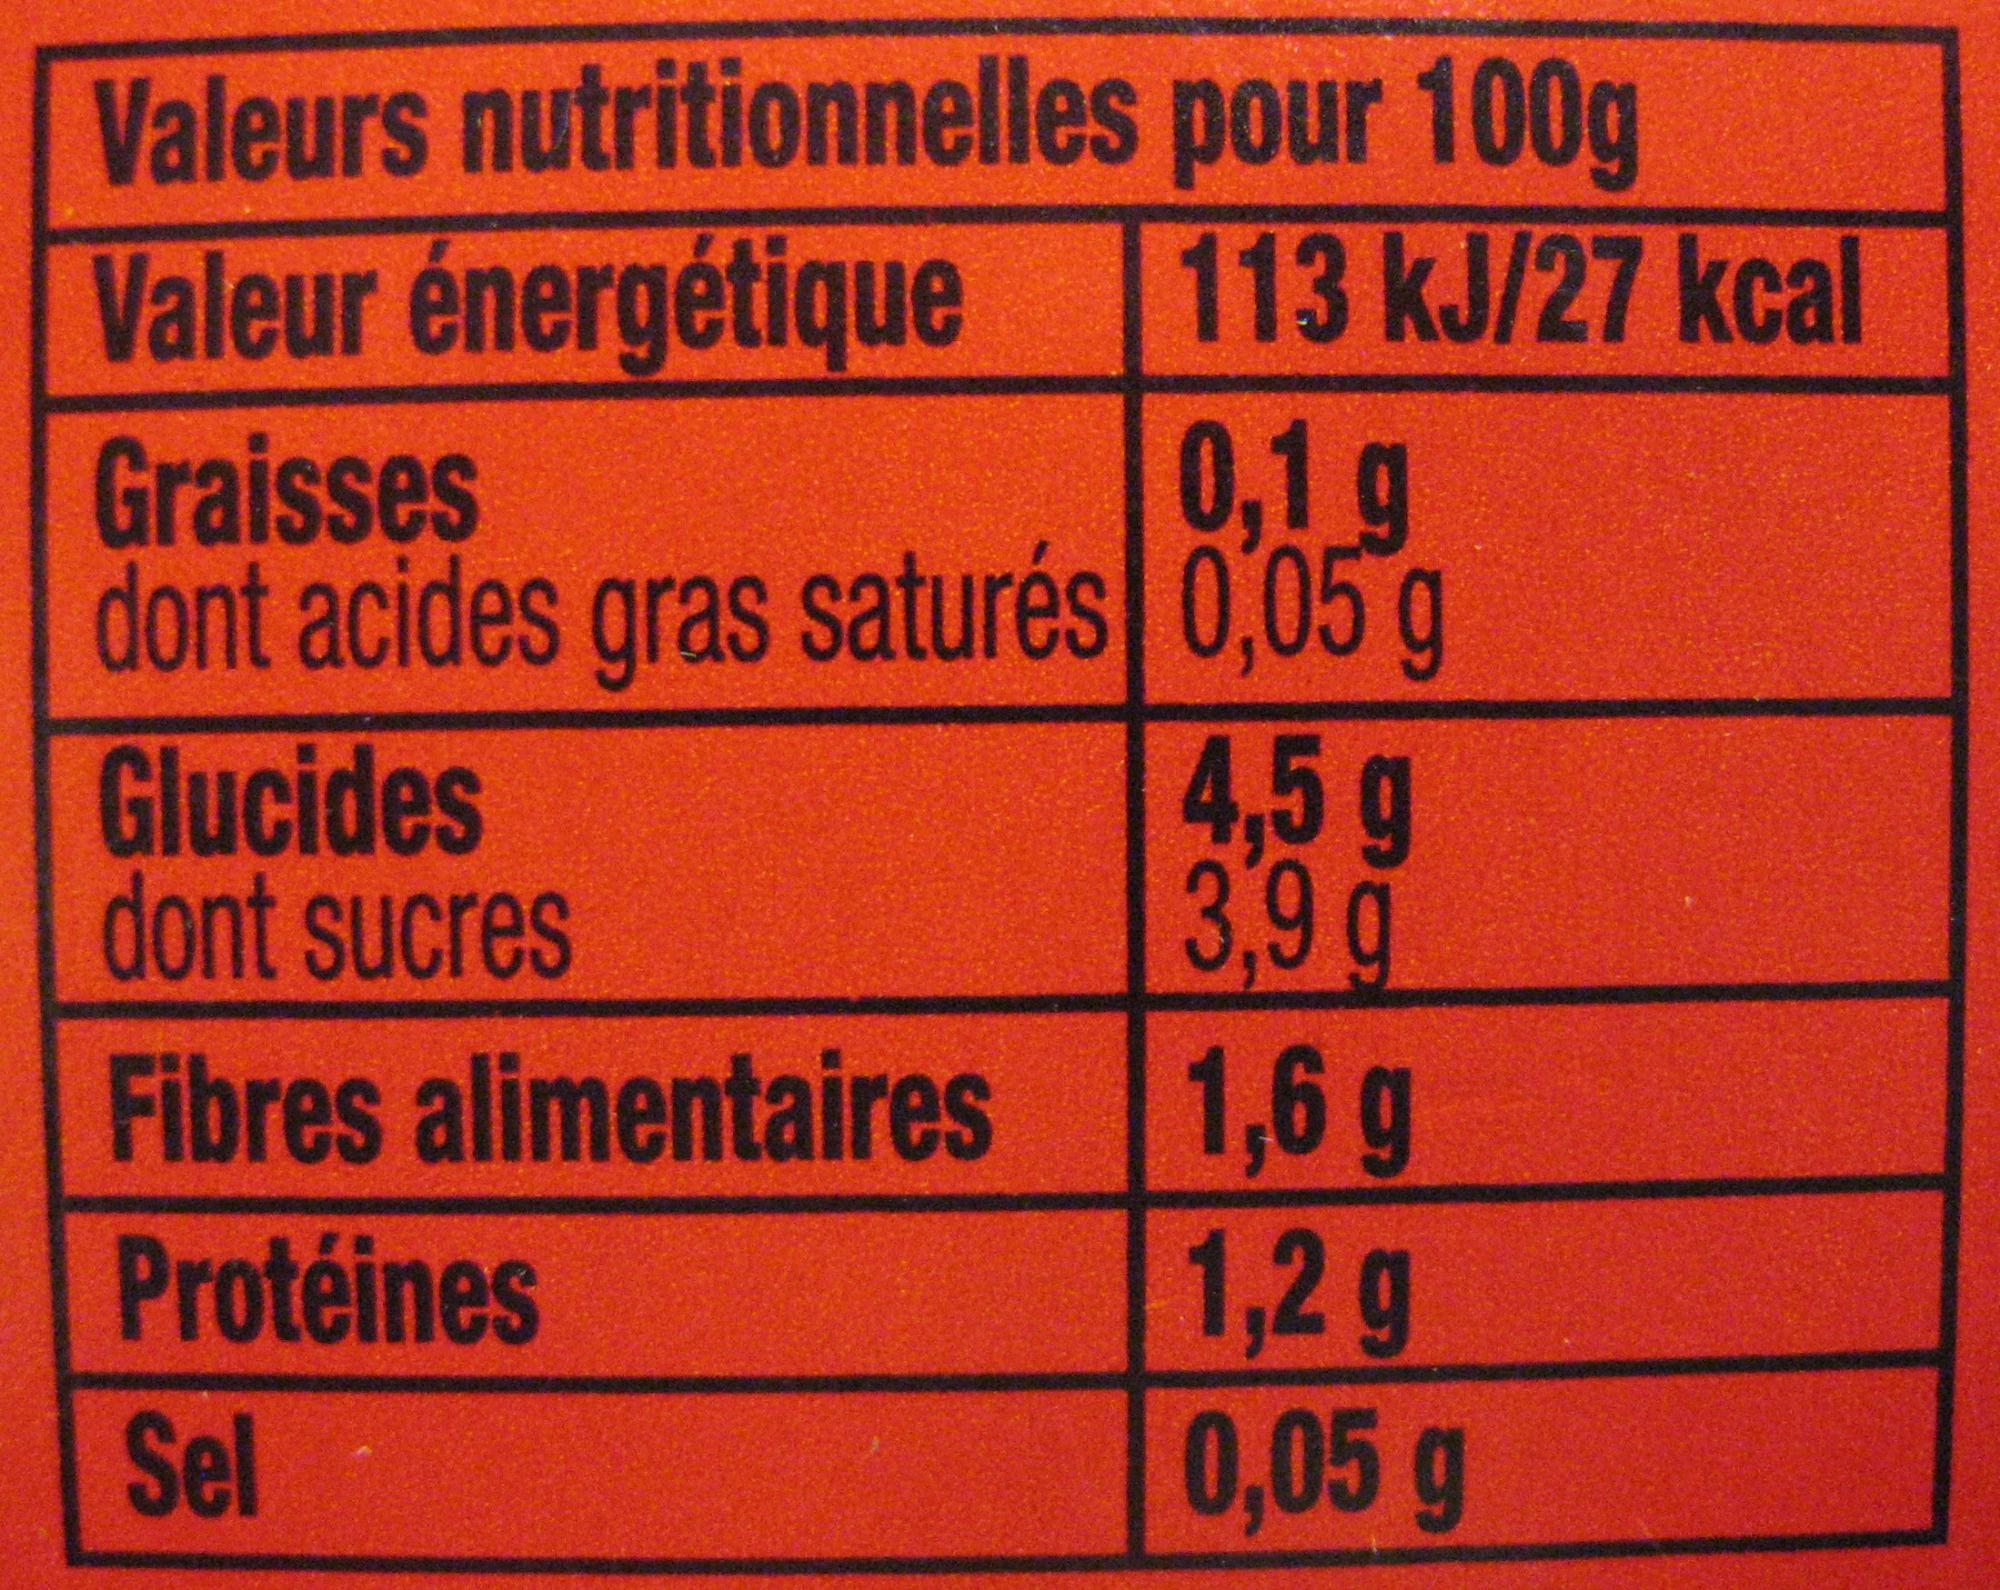 Tomacouli 100% Tomates Fraîches nature (Lot de 2 x 200 g) - Nutrition facts - fr